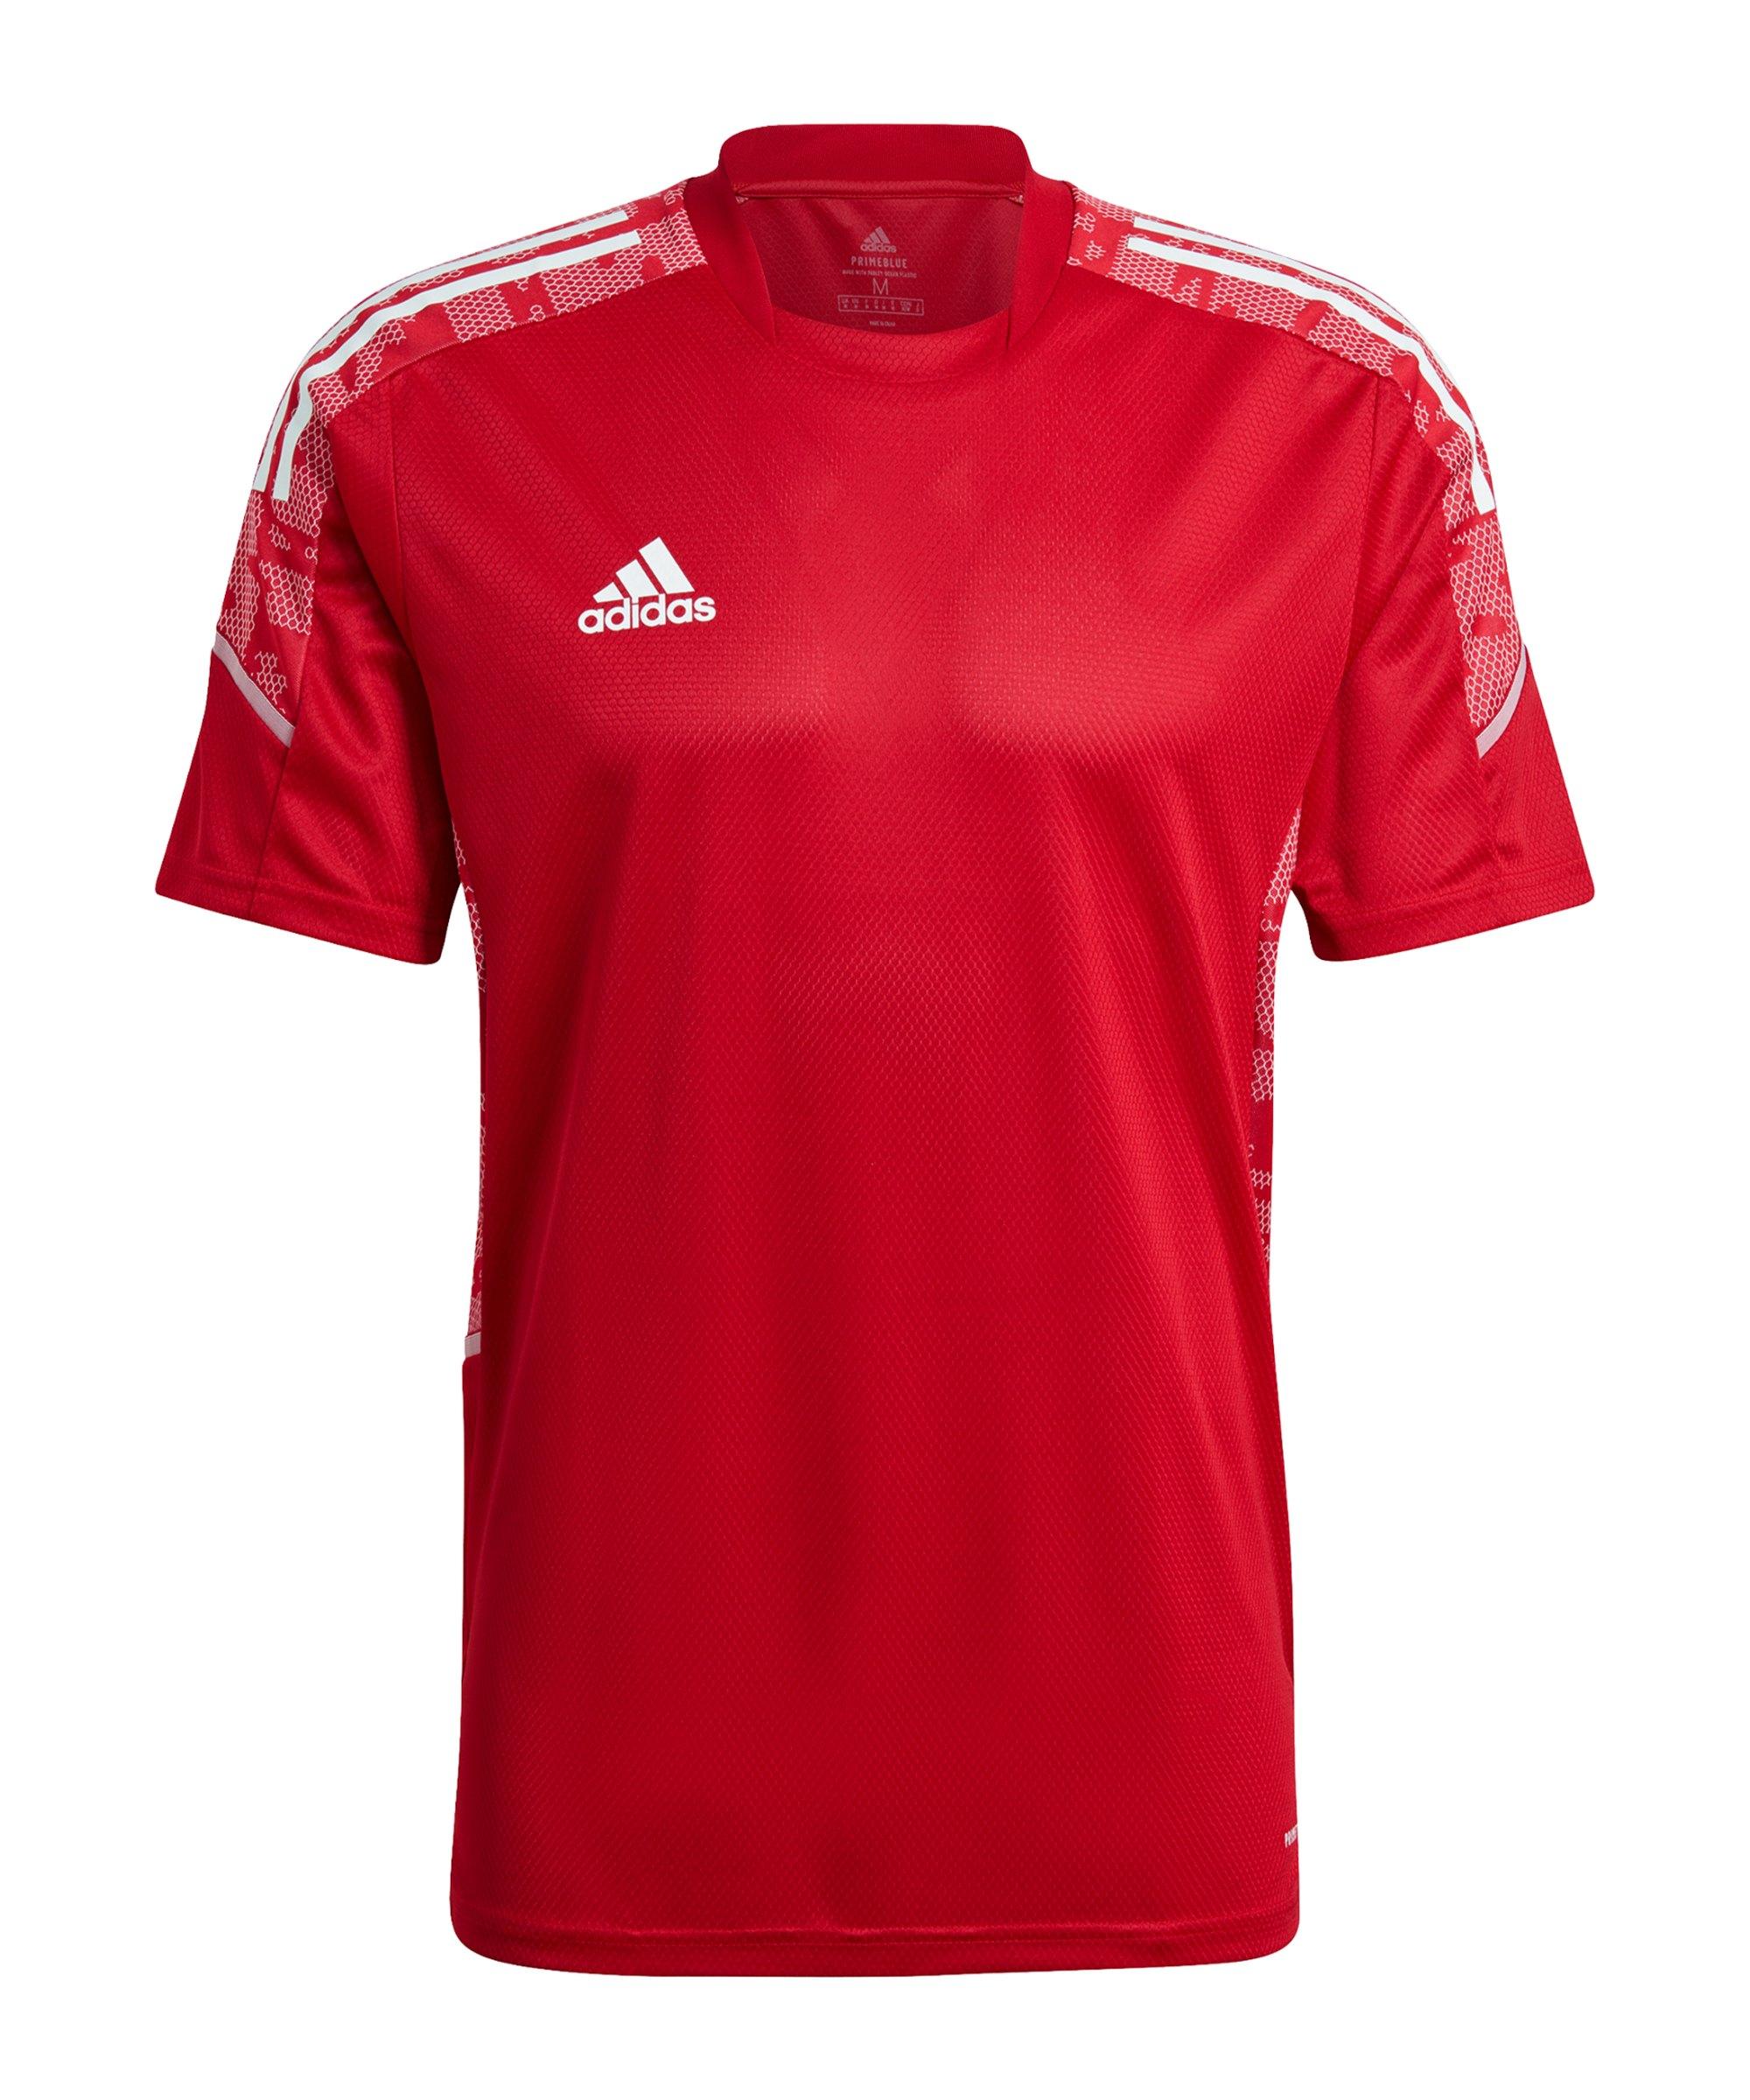 adidas Condivo 21 Trainingsshirt Rot Weiss - rot